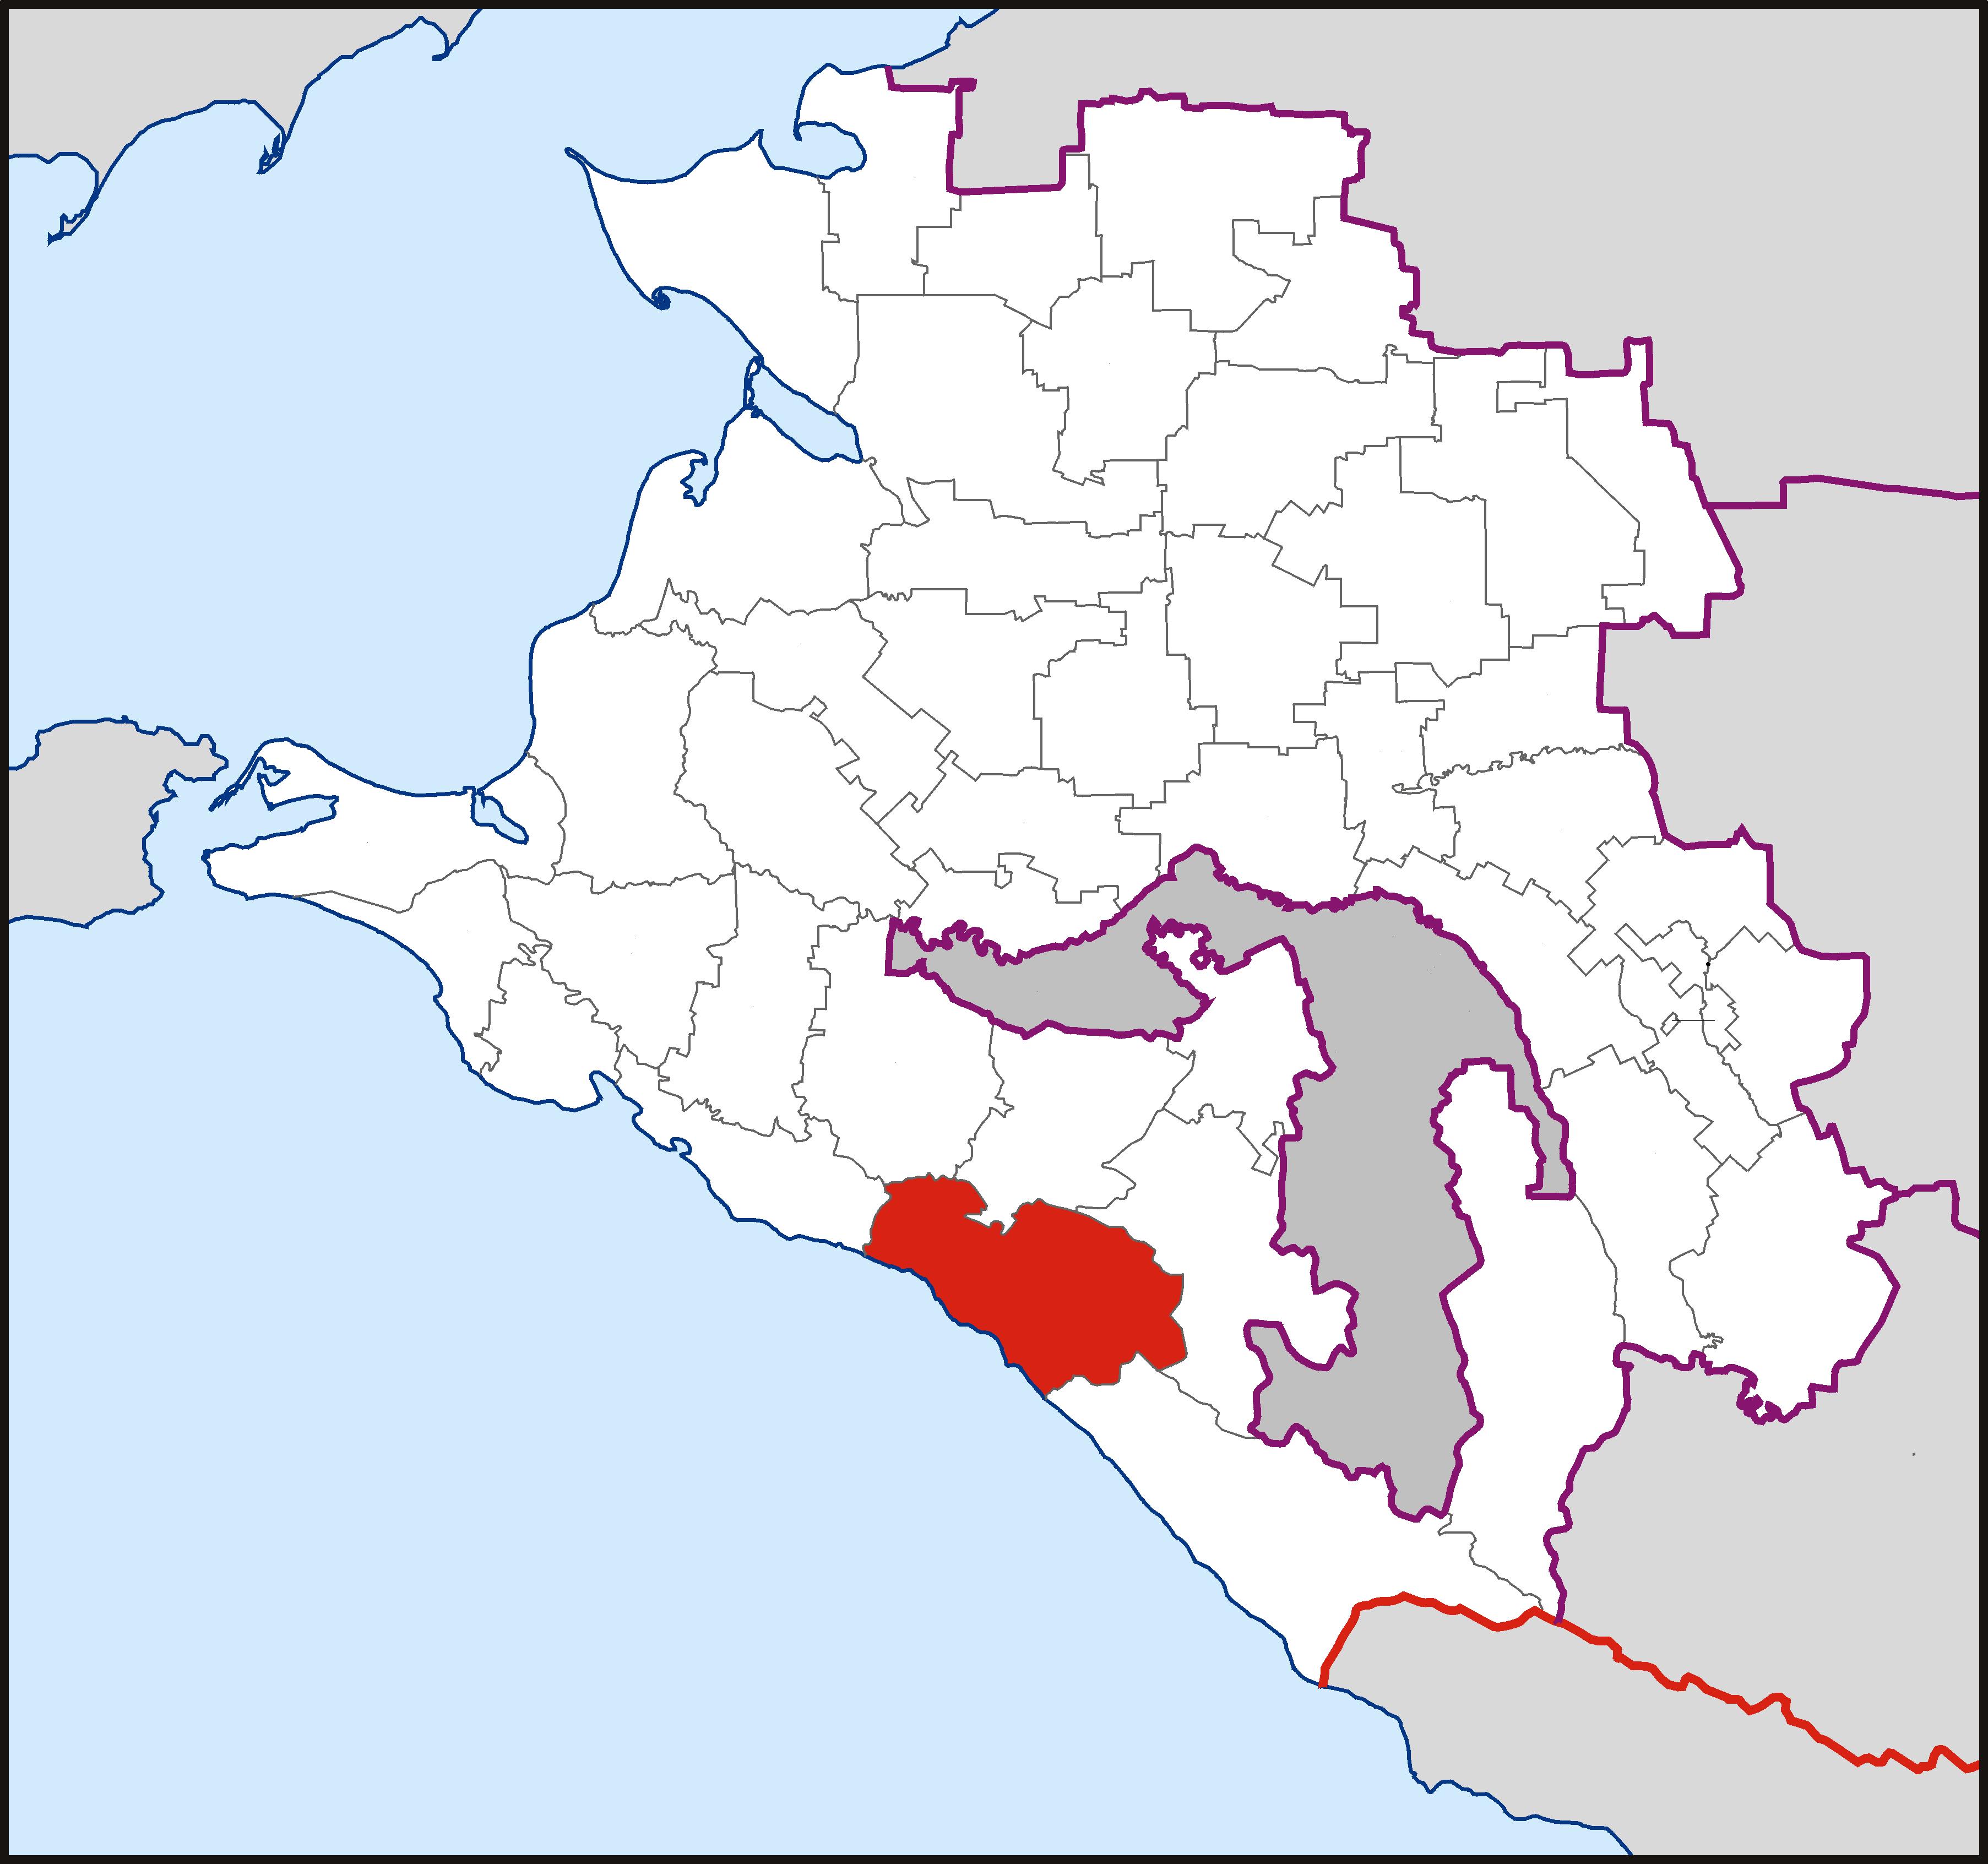 карта-схема поселка тюменский туапсинского района